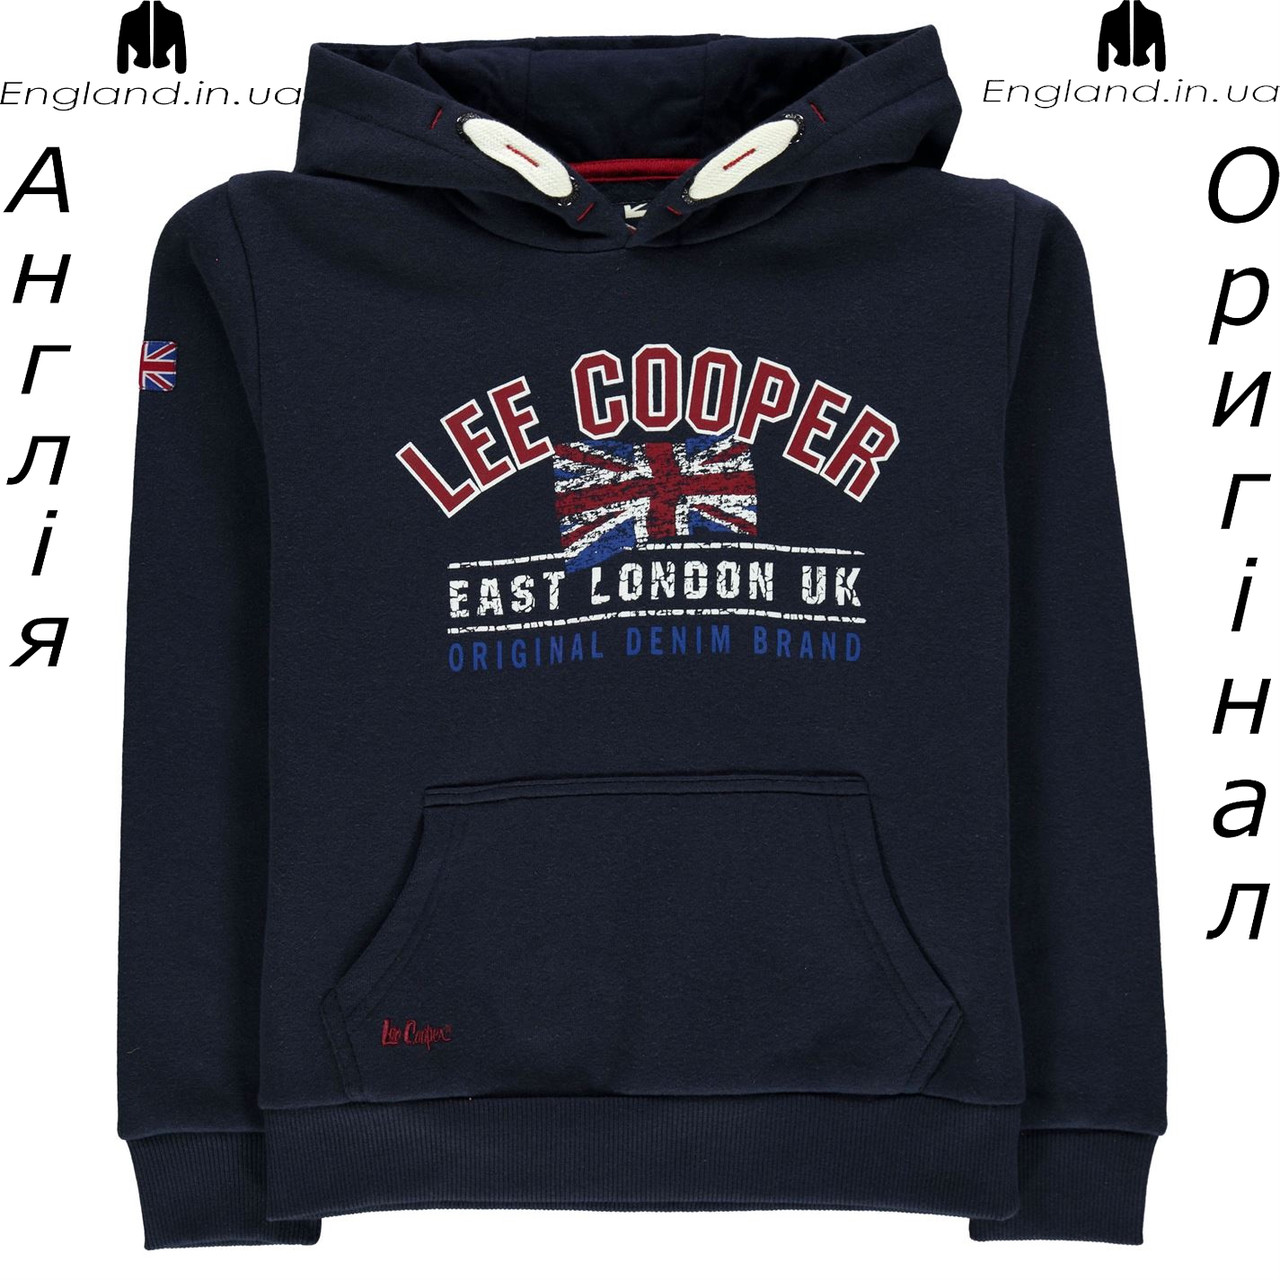 Кофта худи Lee Cooper из Англии для мальчиков 2-14 лет